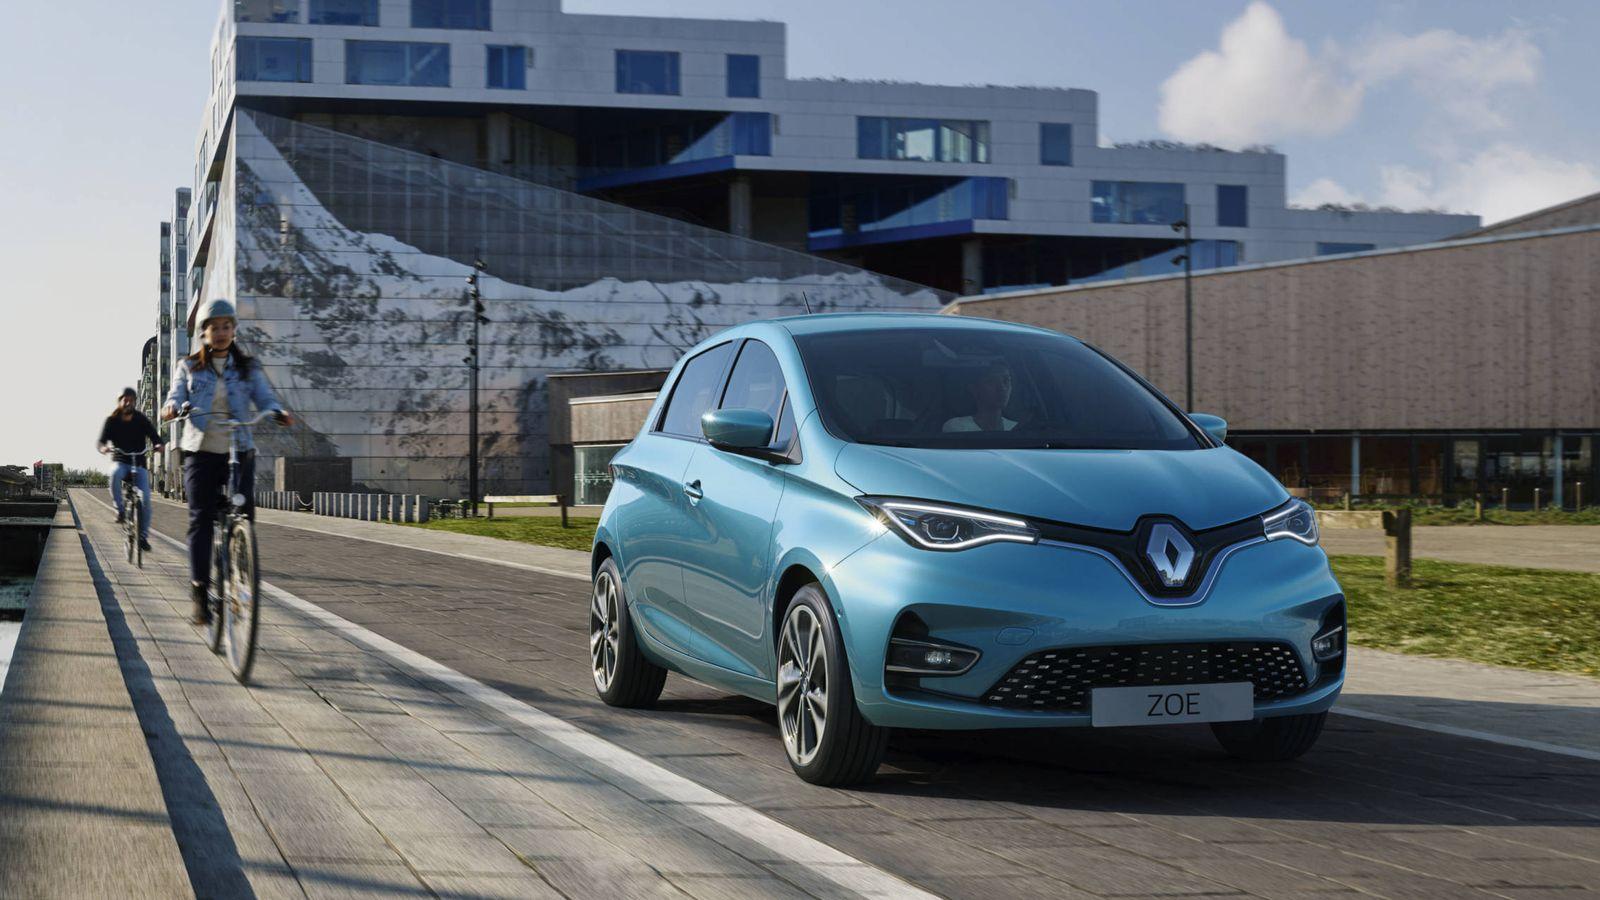 Foto: La actual es la tercera generación del Renault Zoe. (Foto: Renault)